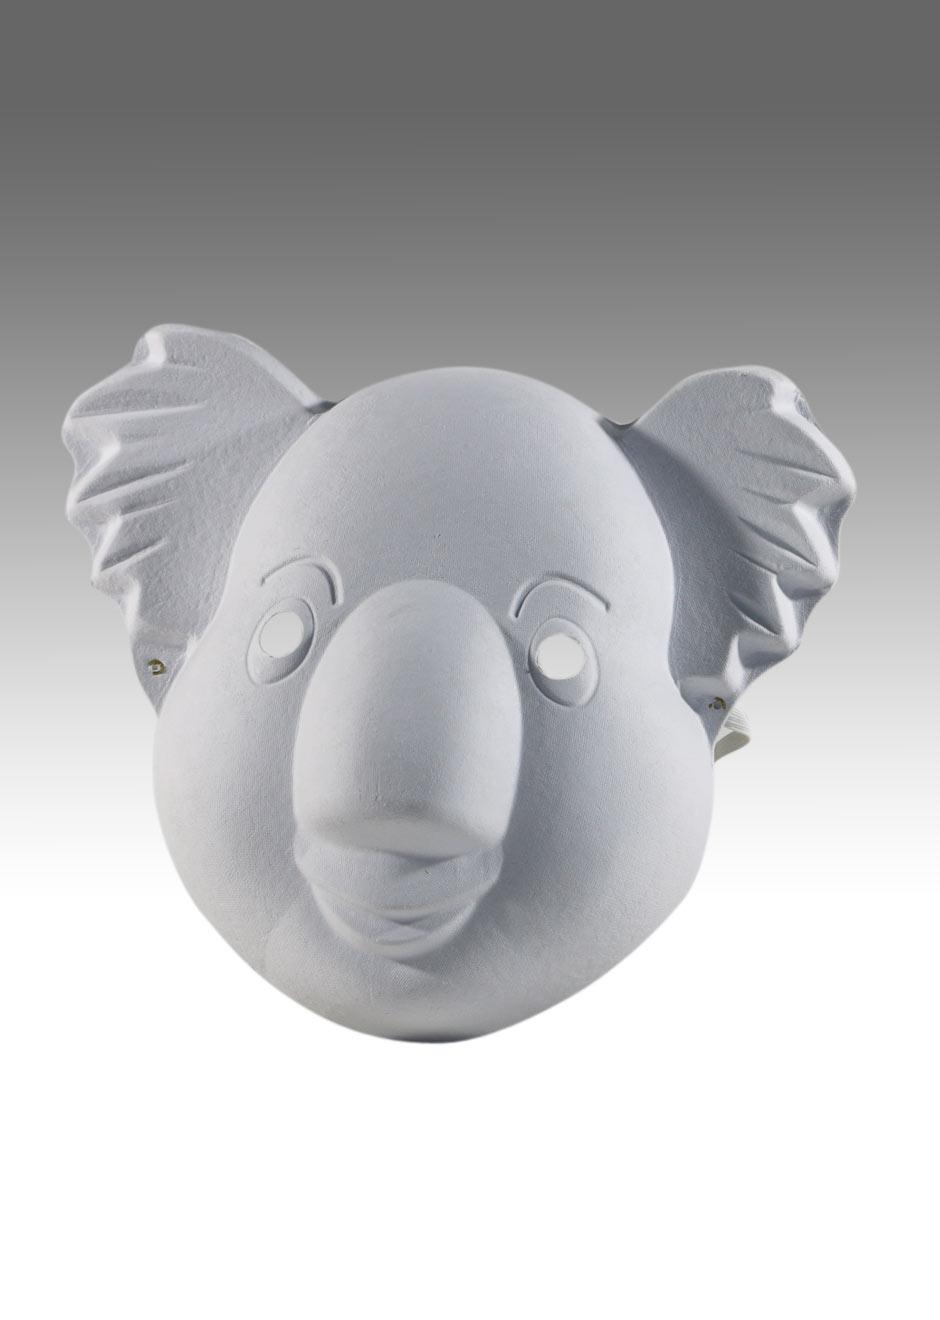 Topeng-koala